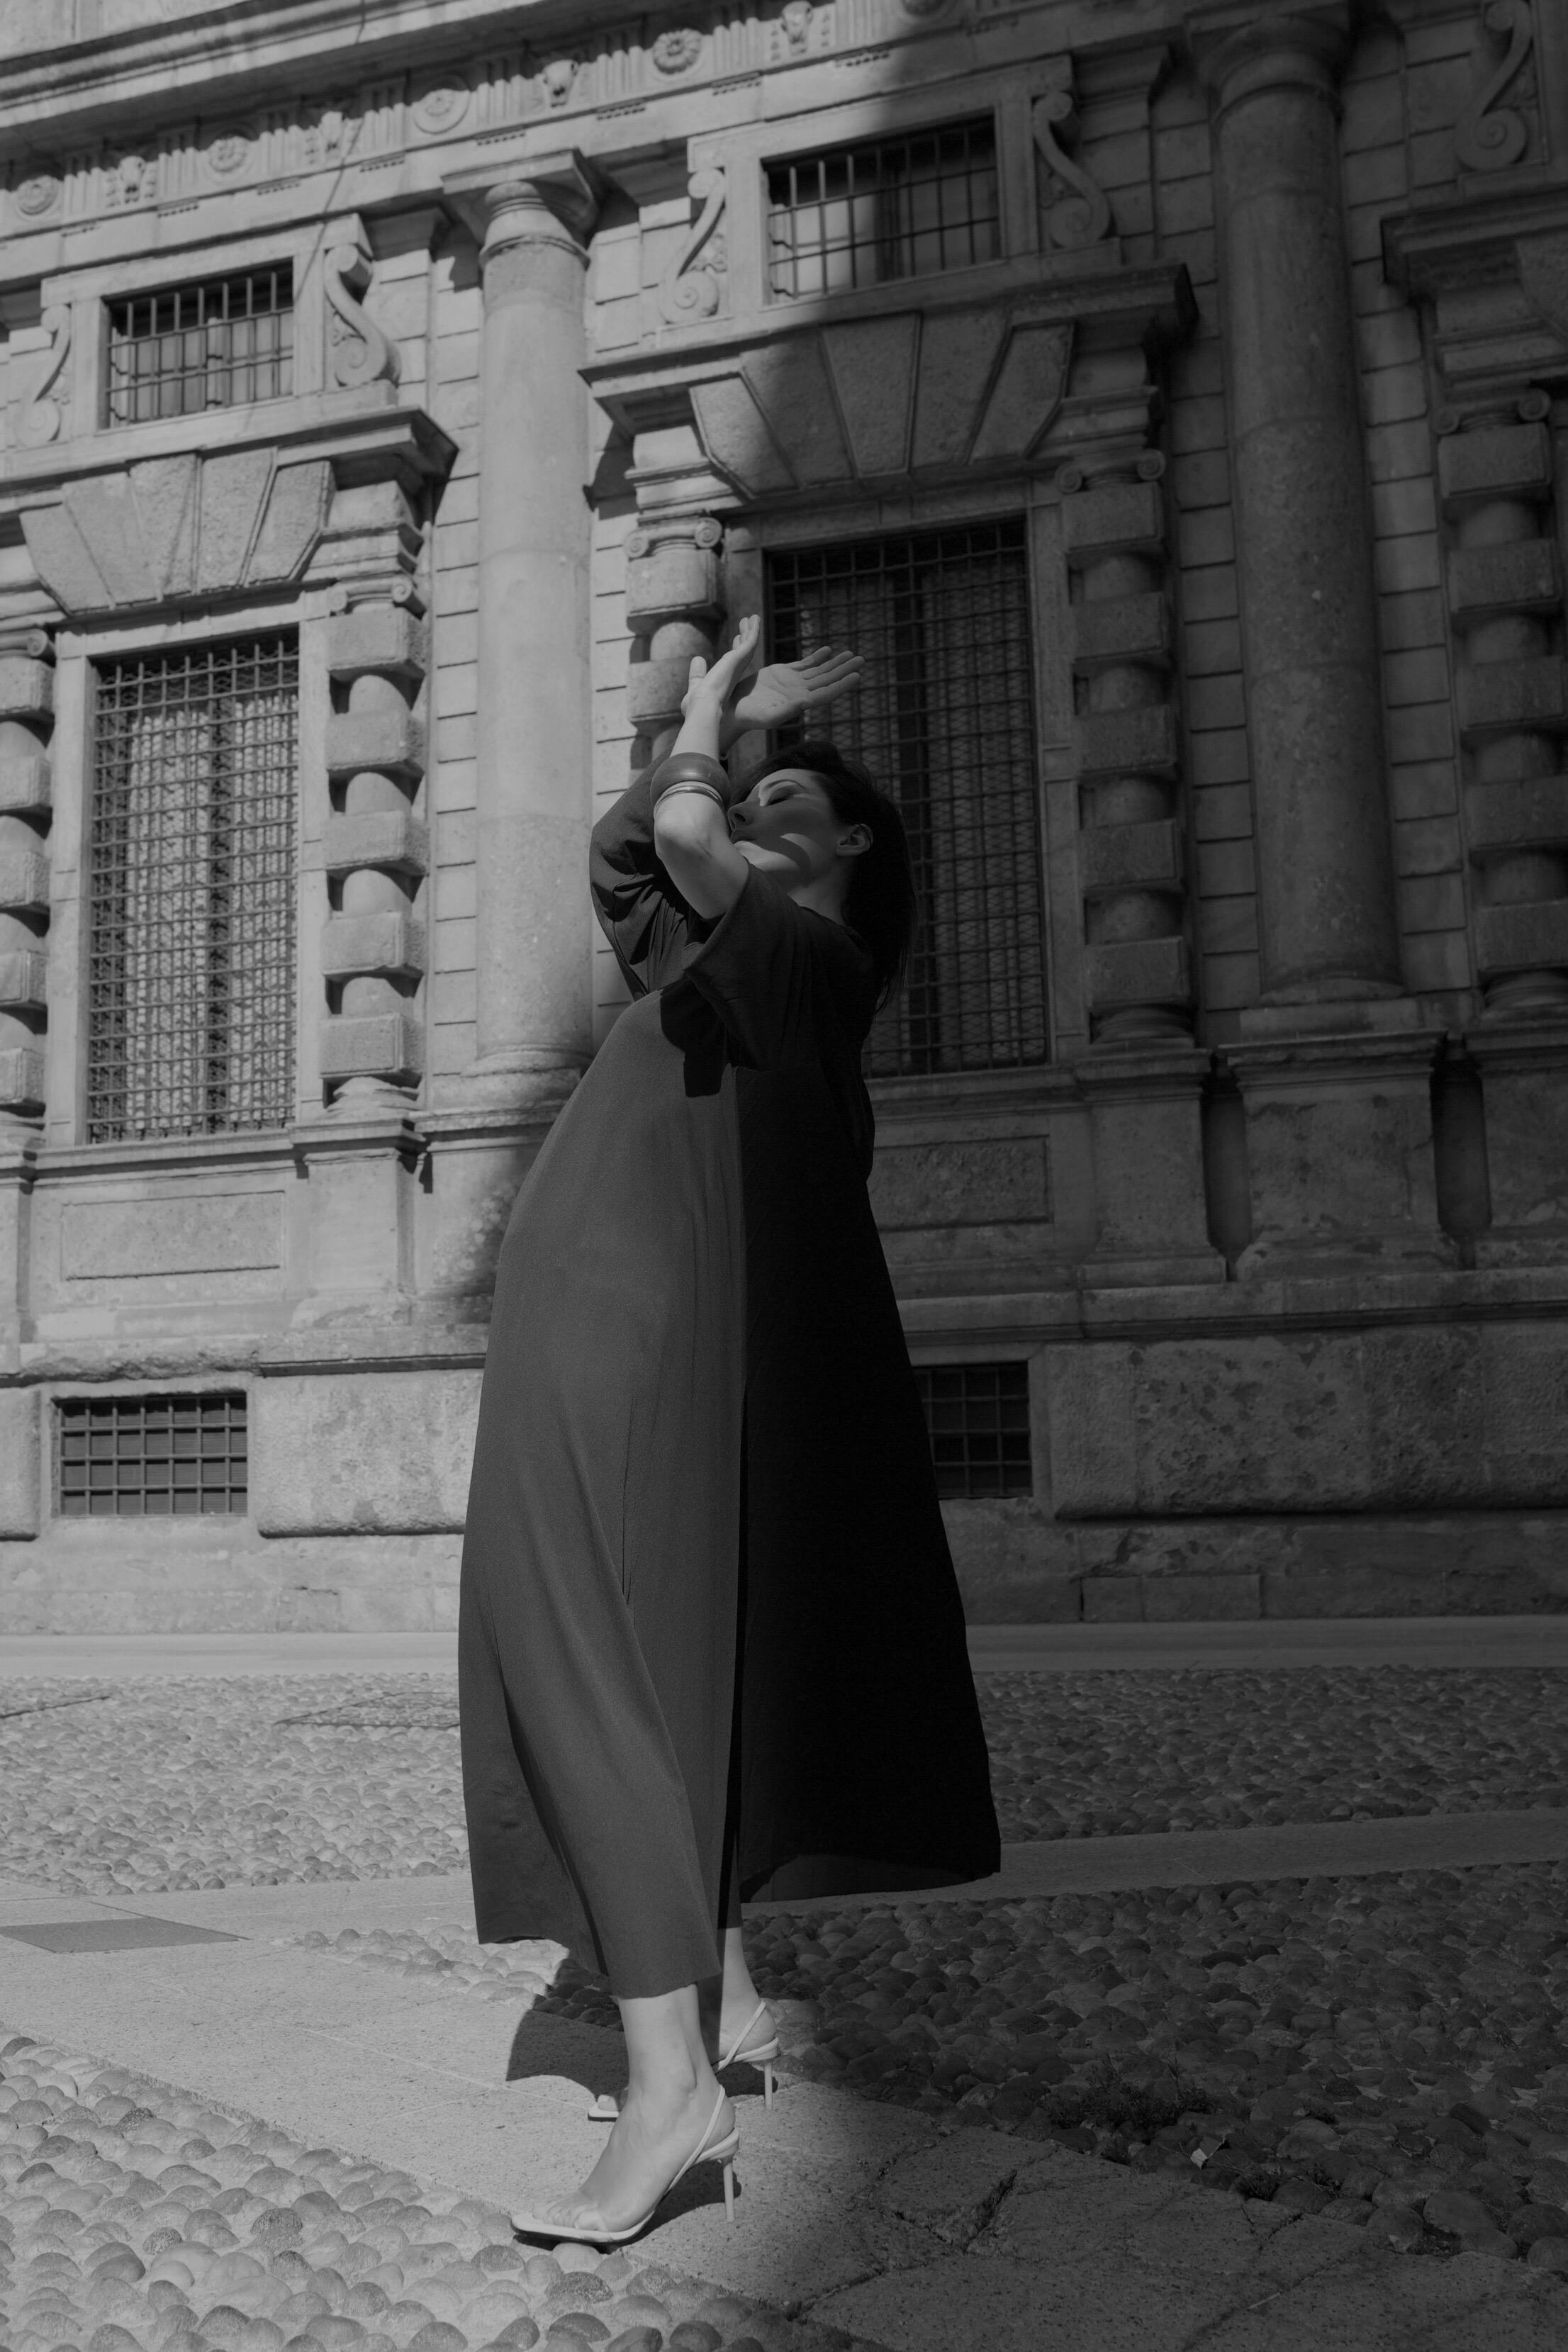 elisa bellino, fashion blogger famose italiane 2019, fashion blogger famose 2019, fashion influencer milano 2019, blogger moda più seguite 2019, fashion blog famosi 2019, milano come vestirsi, come vestirsi eleganti autunno, moda autunno 2018 outfit, outfit settembre 2018, come vestirsi settembre milano 2018, elisa bellino, marrone come abbinarlo